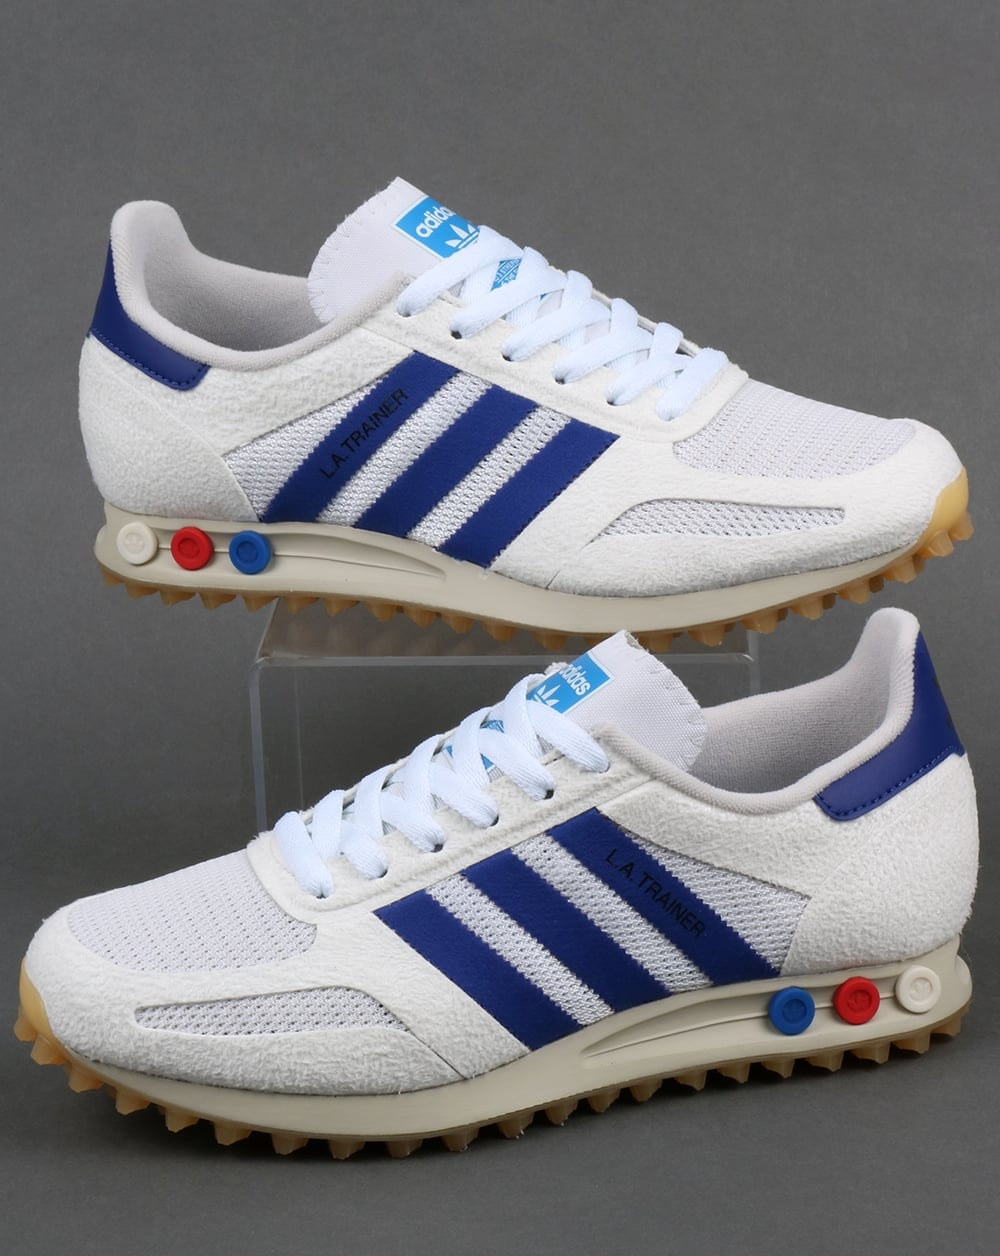 Adidas La Trainer OG Vintage WhiteMystery Ink